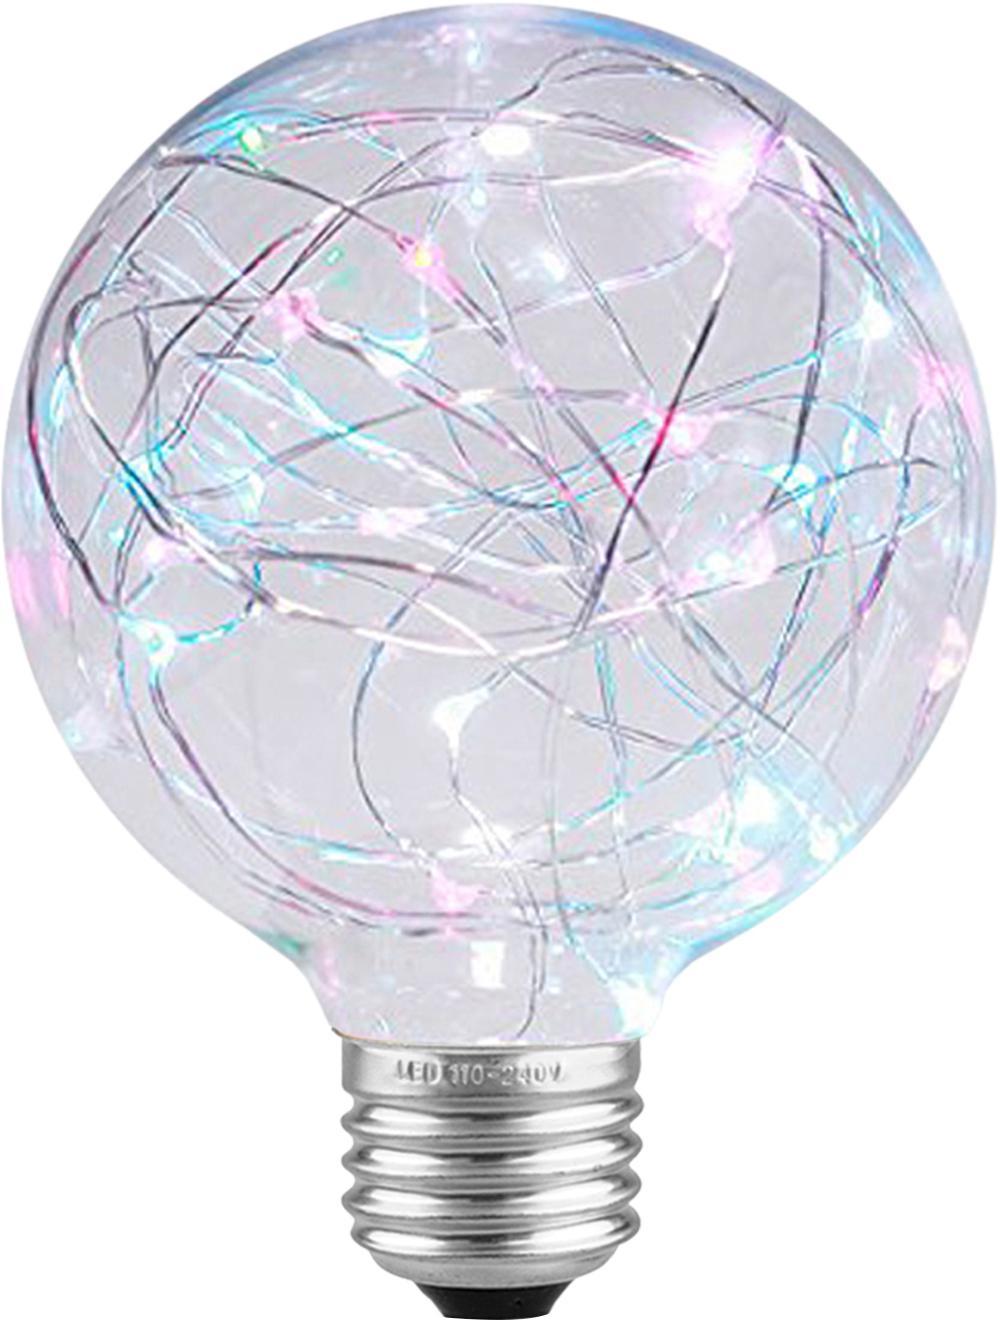 Лампа светодиодная Rev ritter Vintage rgb starry шар (32446 1)